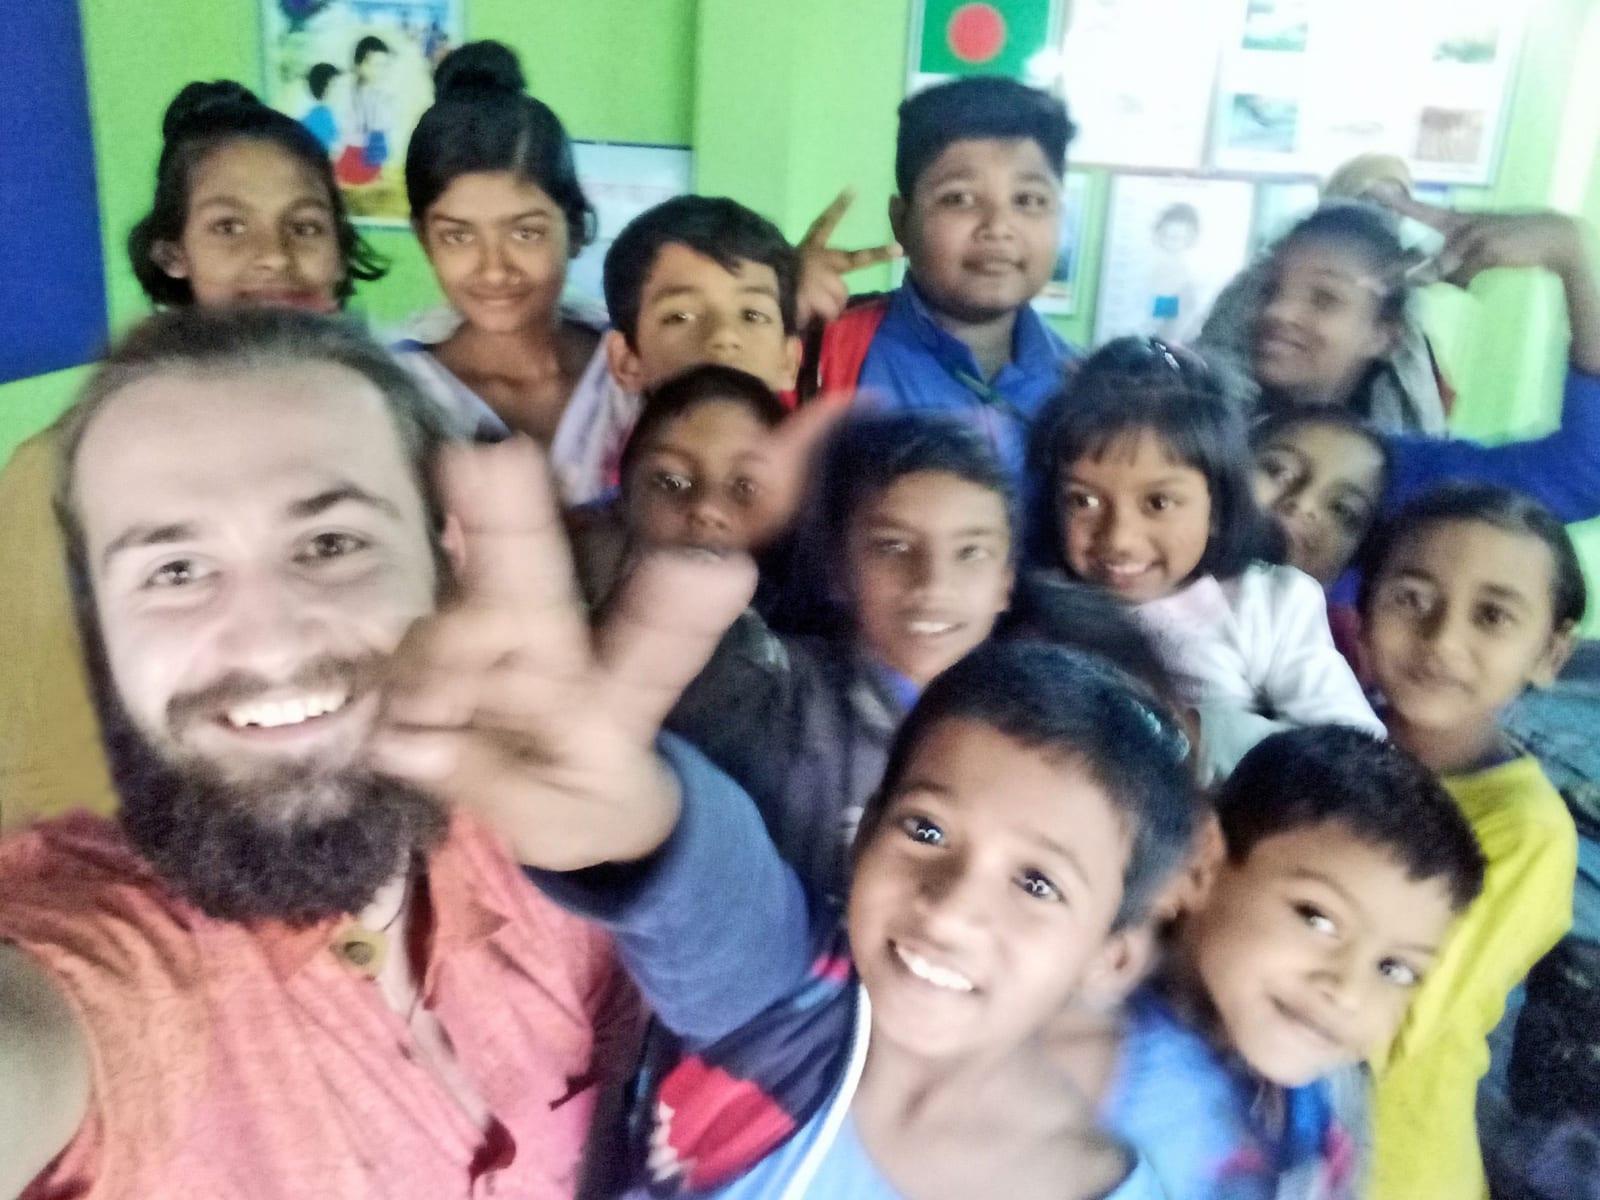 Společná fotka s dětmi/studenty ve škole neziskovky, AID Foundation, Bangladéš